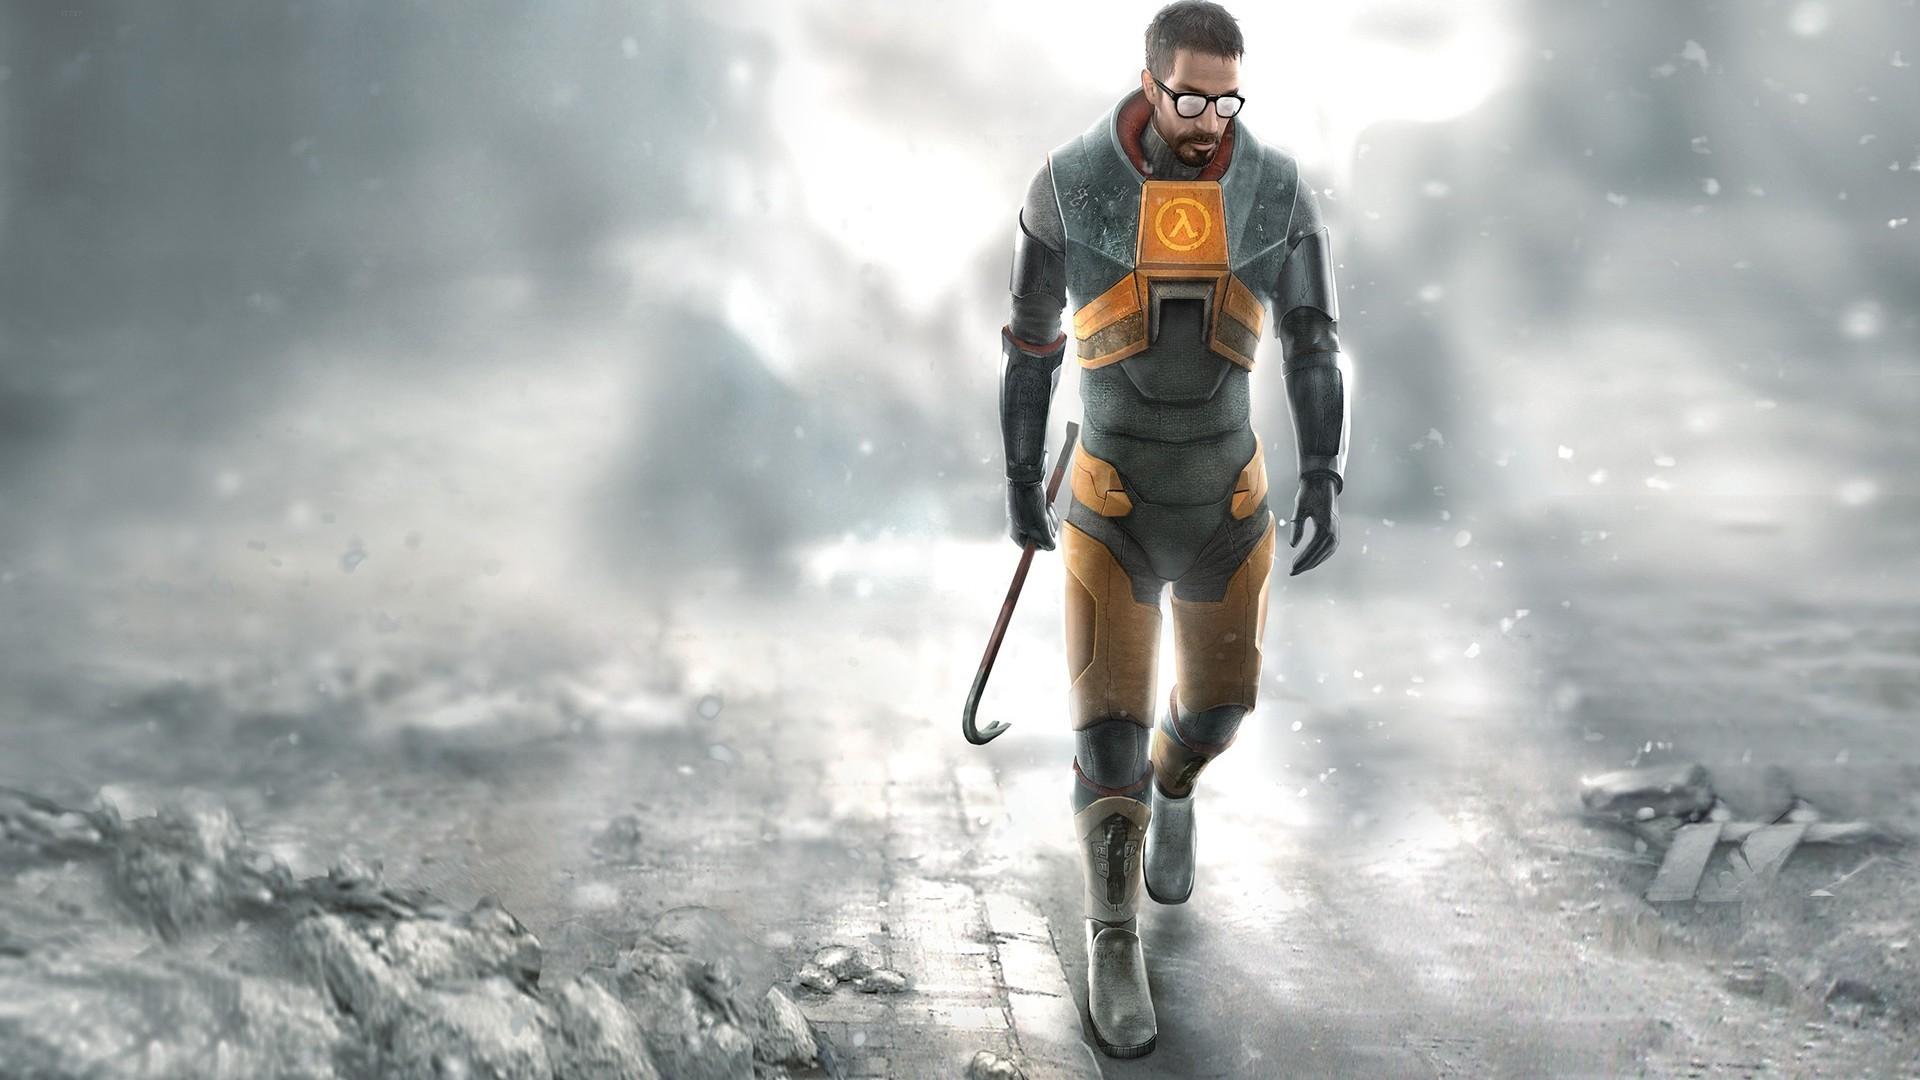 J.J. Abrams a trabalhar em filmes de Portal e Half-Life